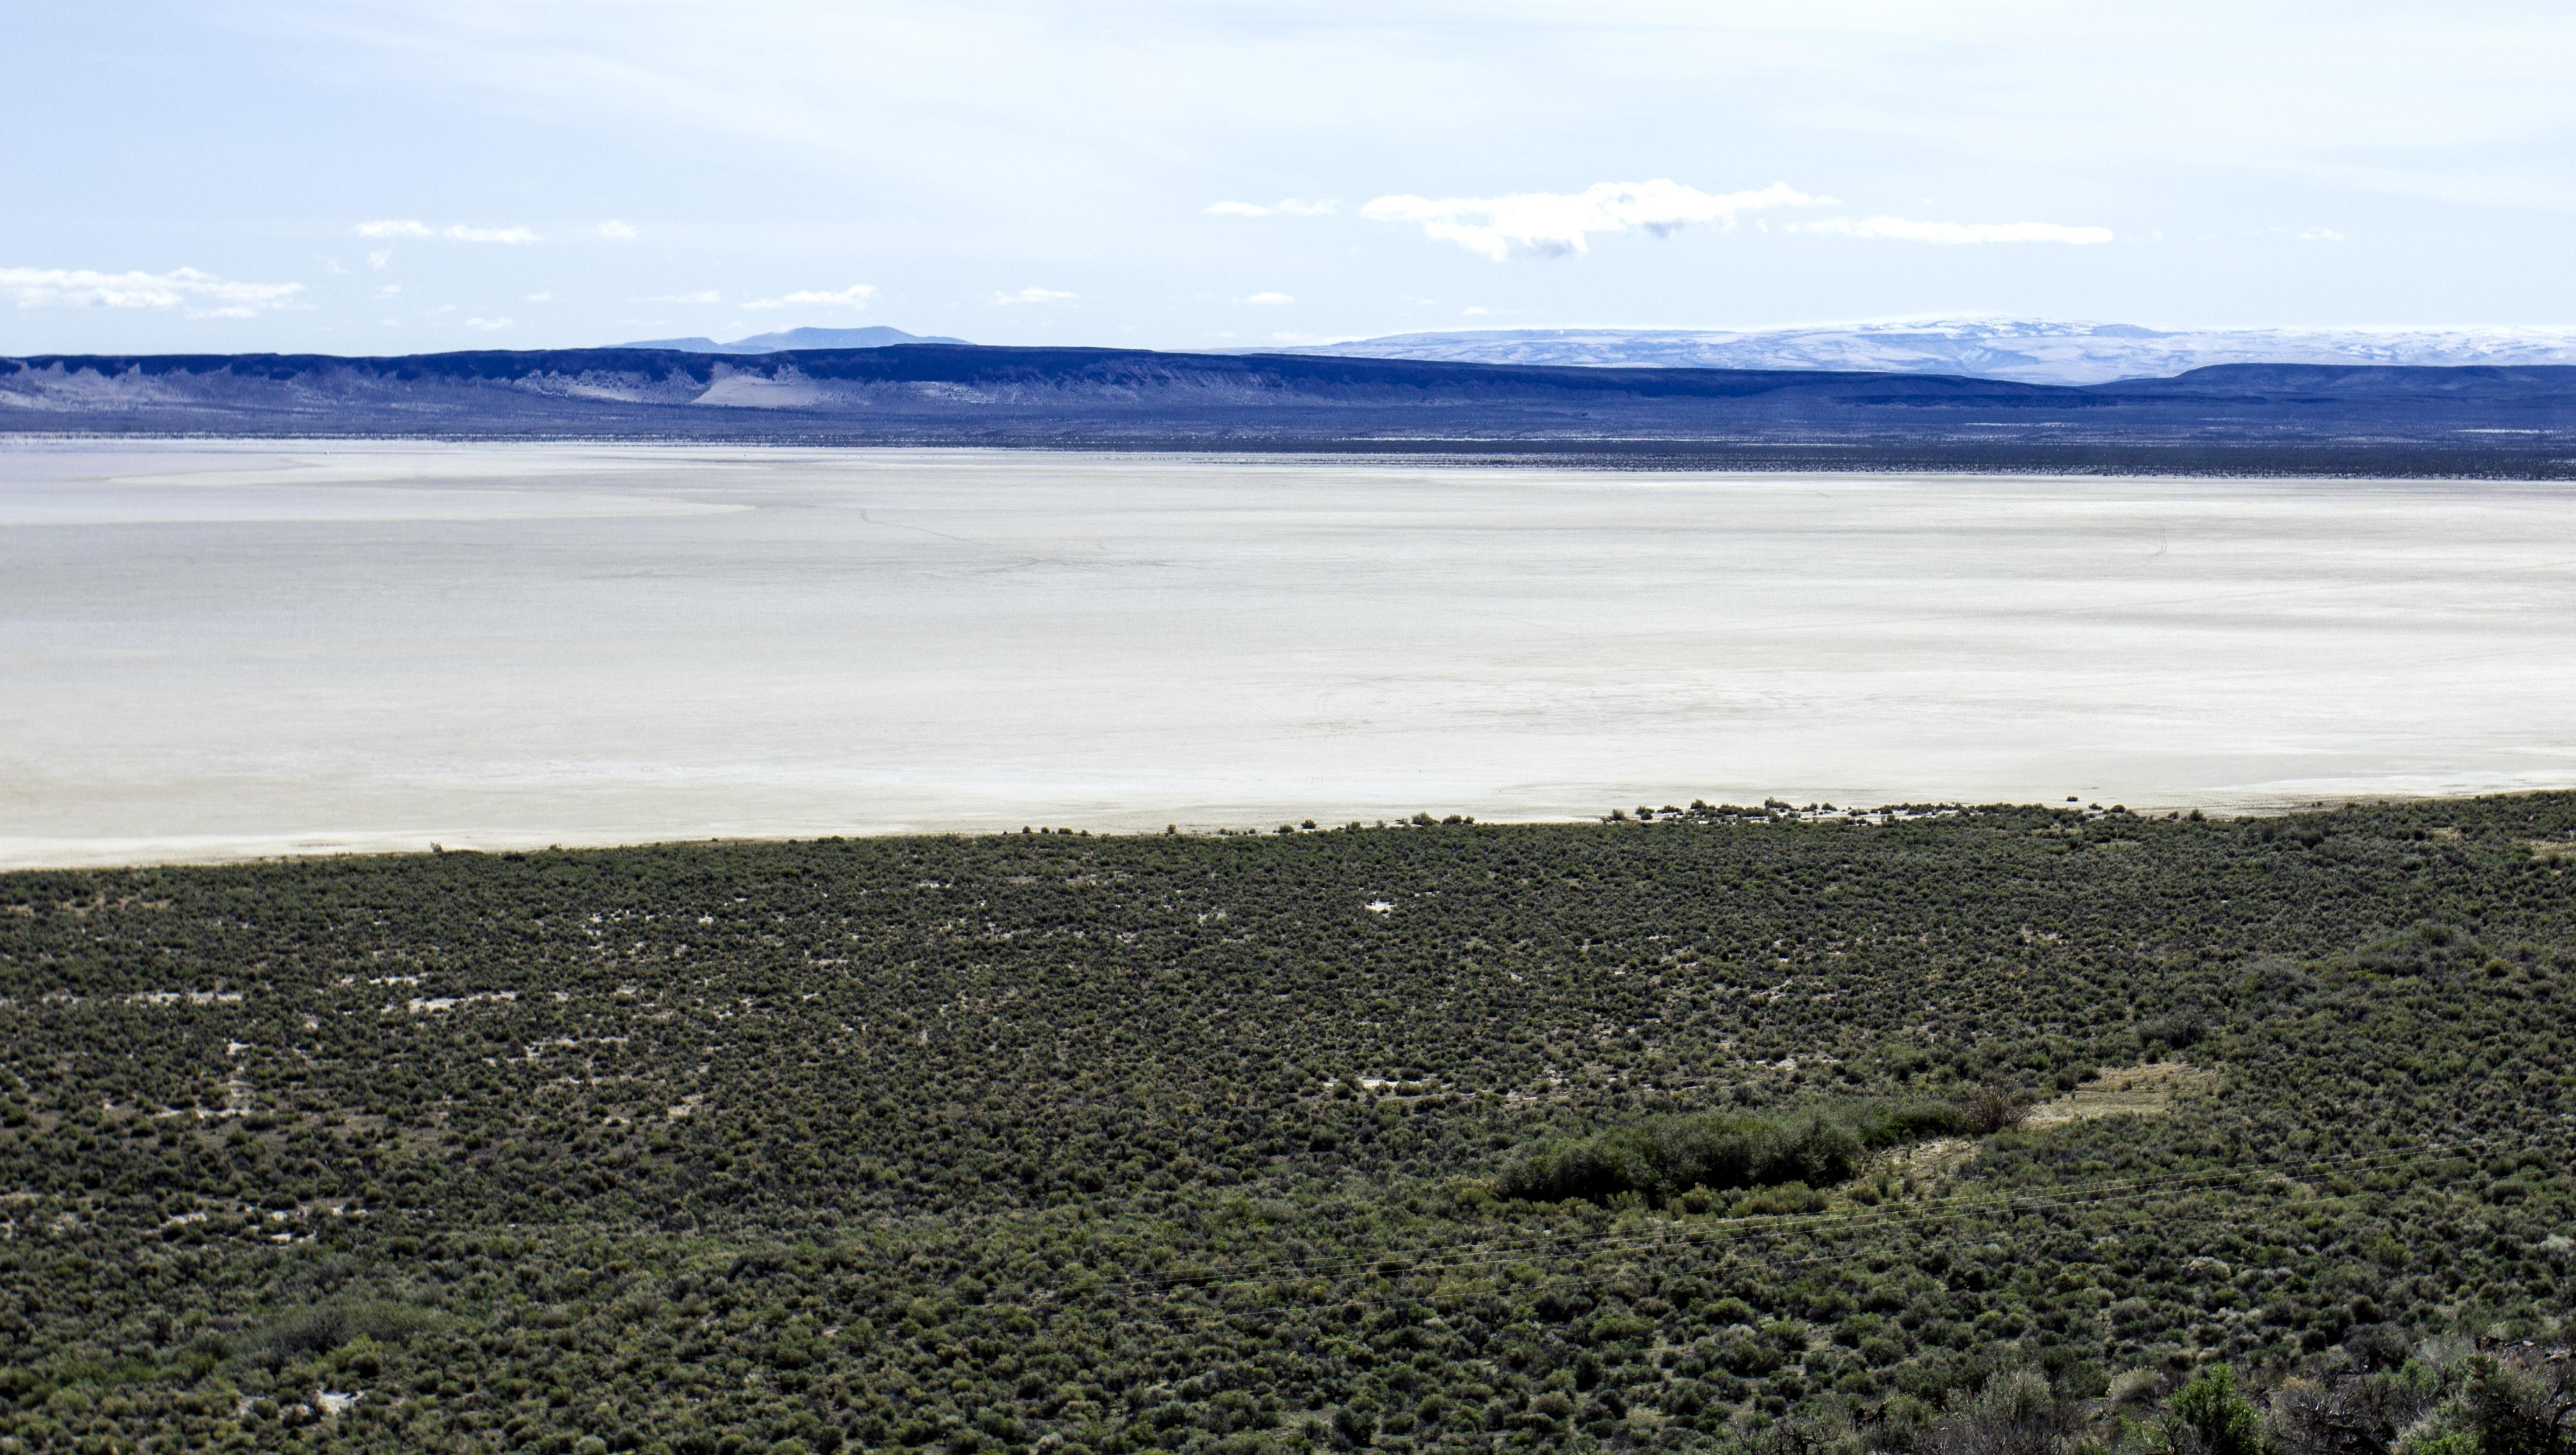 Alvord Desert, Oregon, Bay, Oregon, Water, Soil, HQ Photo